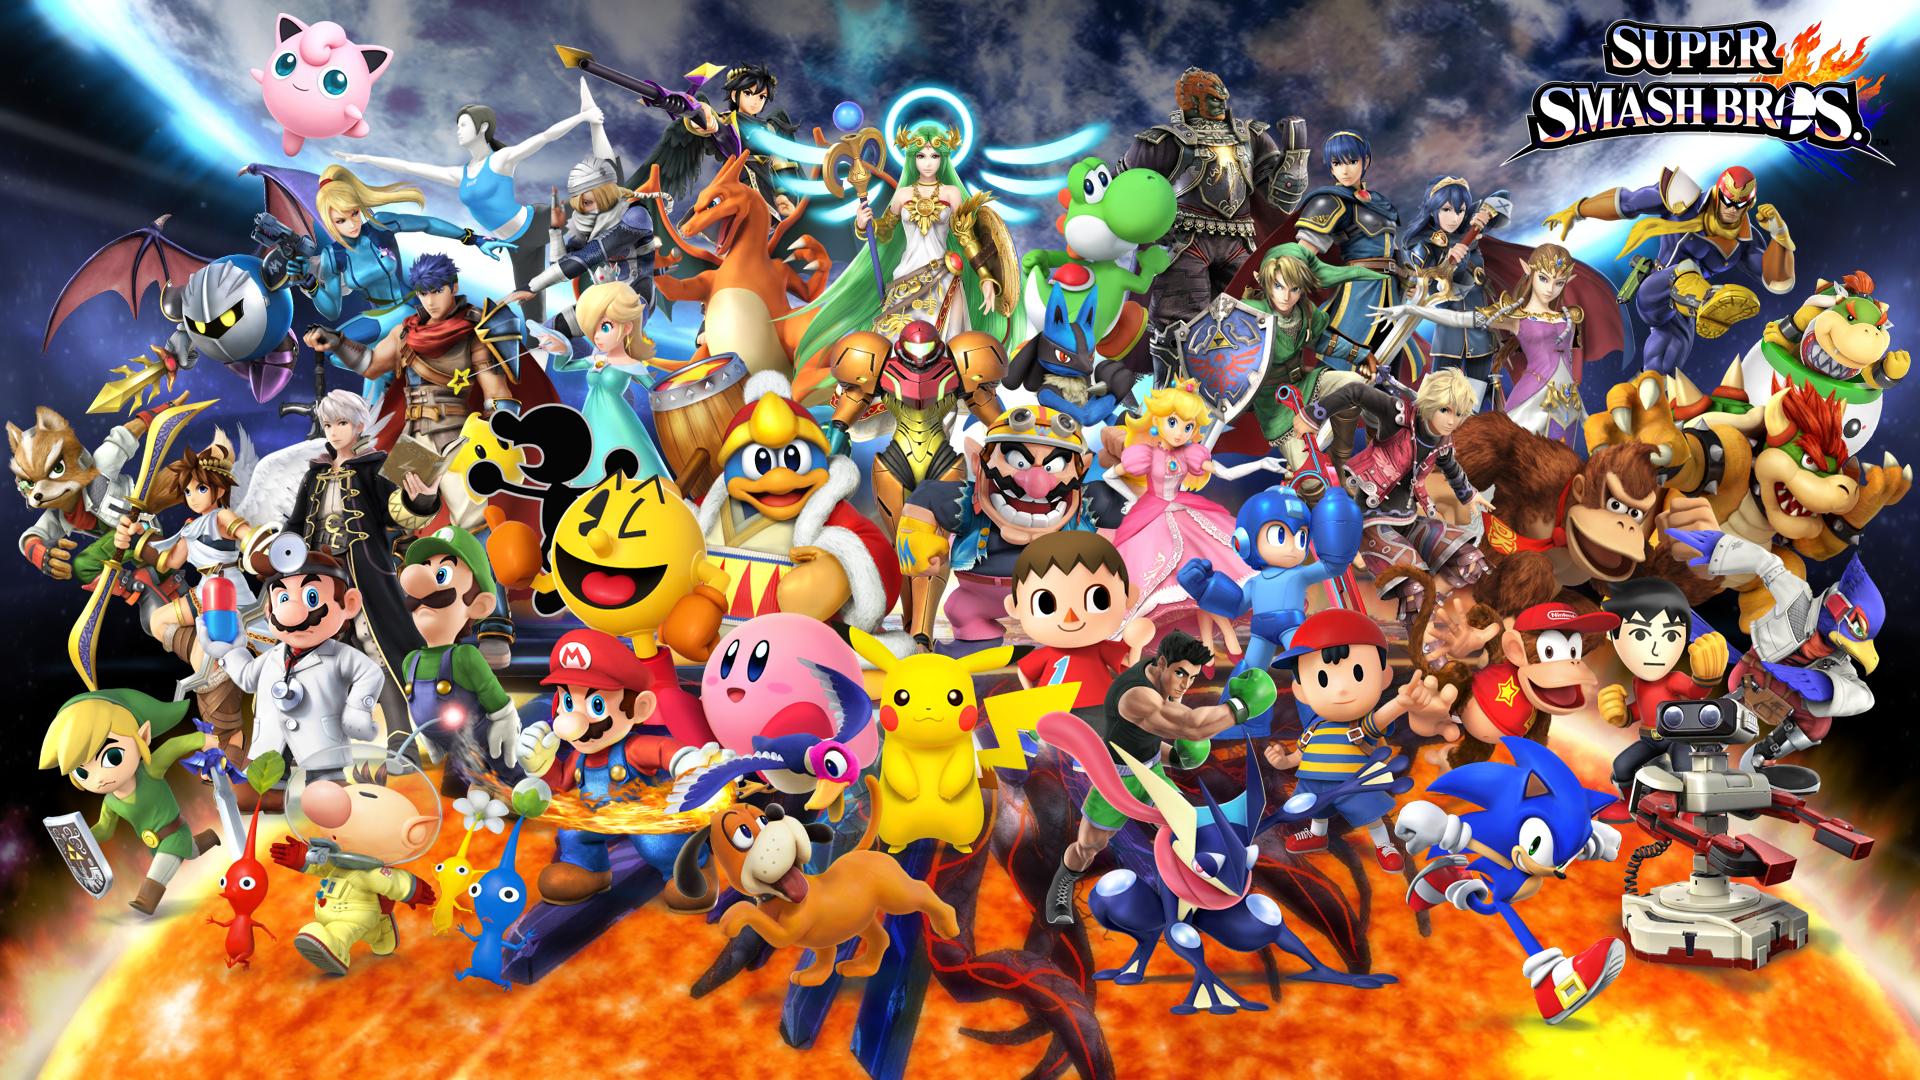 Super Smash Bros Wallpaper Hd Wallpapersafari Smash Bros